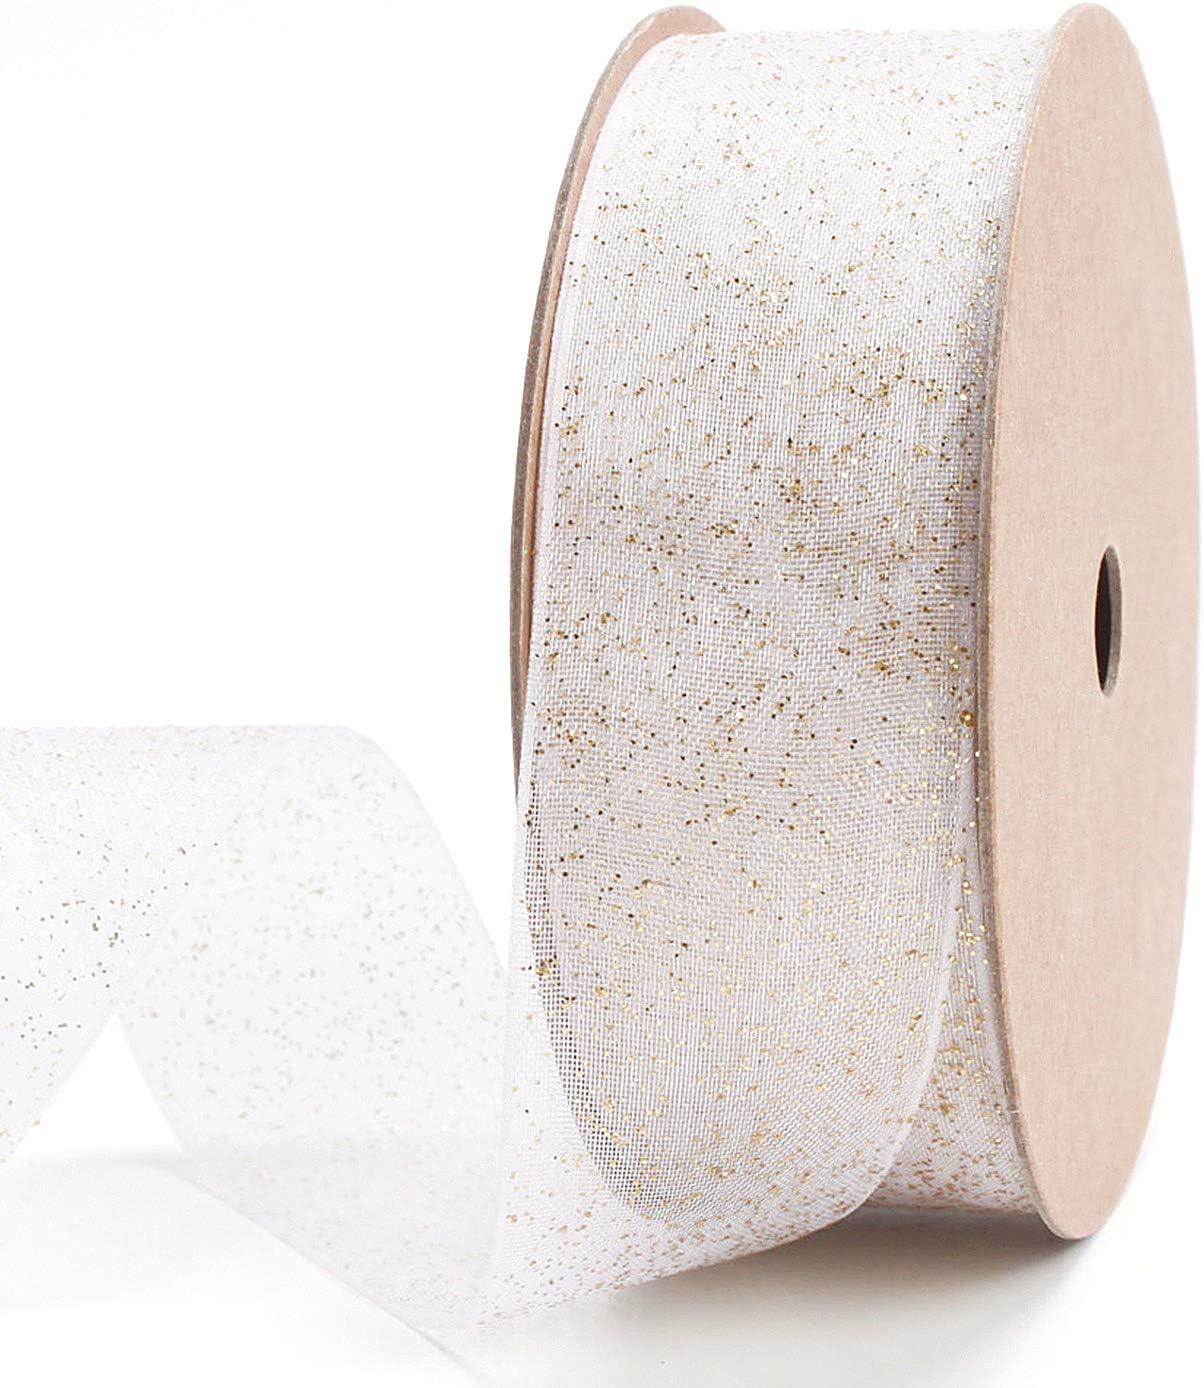 Gold//Silver Sheer Organza Ribbon Wedding Party Decor Hand Making Diy Craft